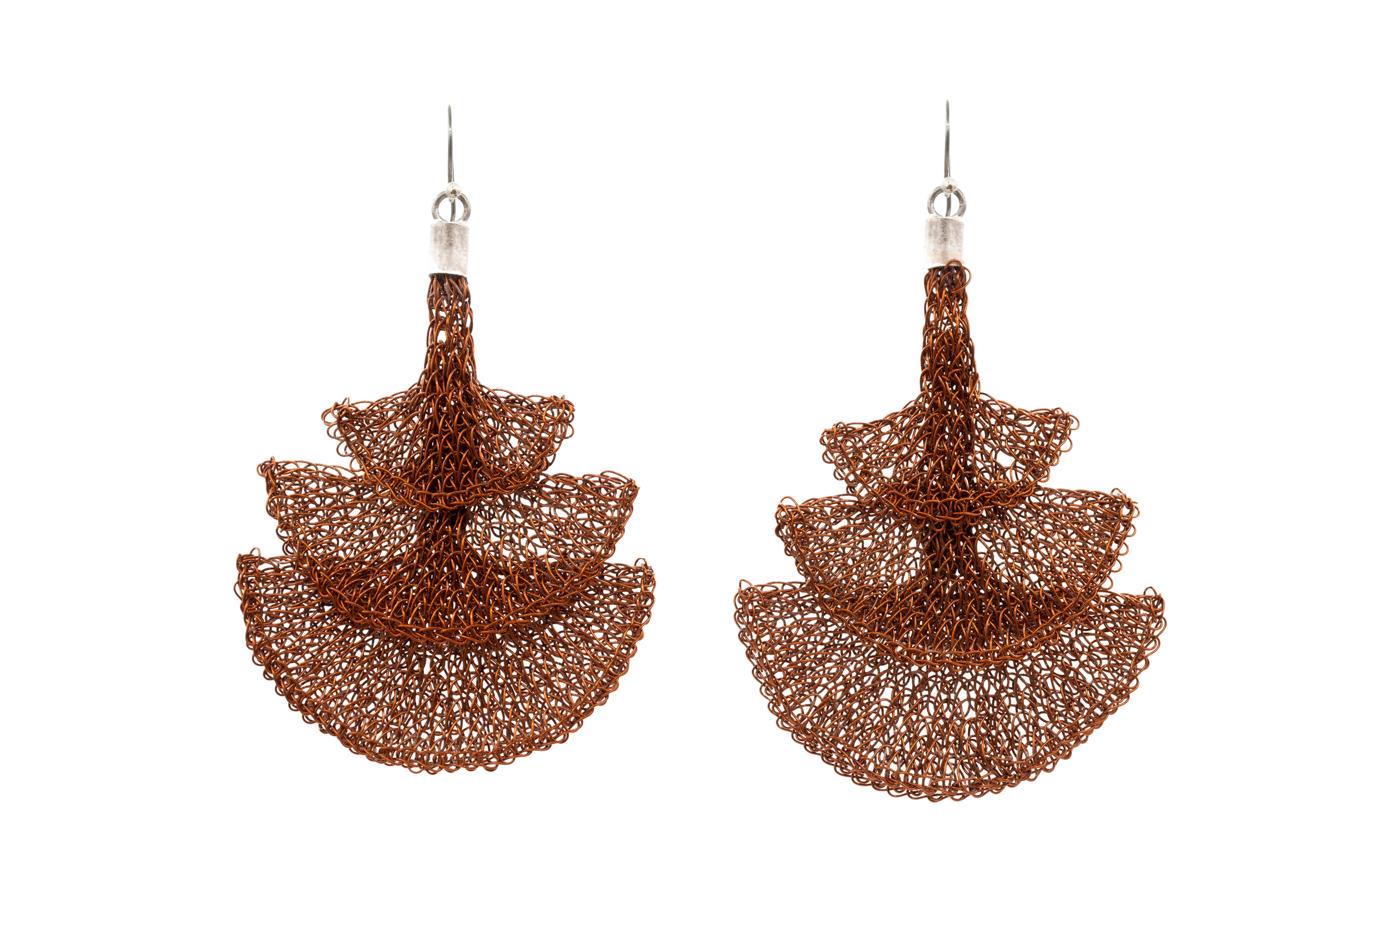 Aretes tejidos con hilos de cobre